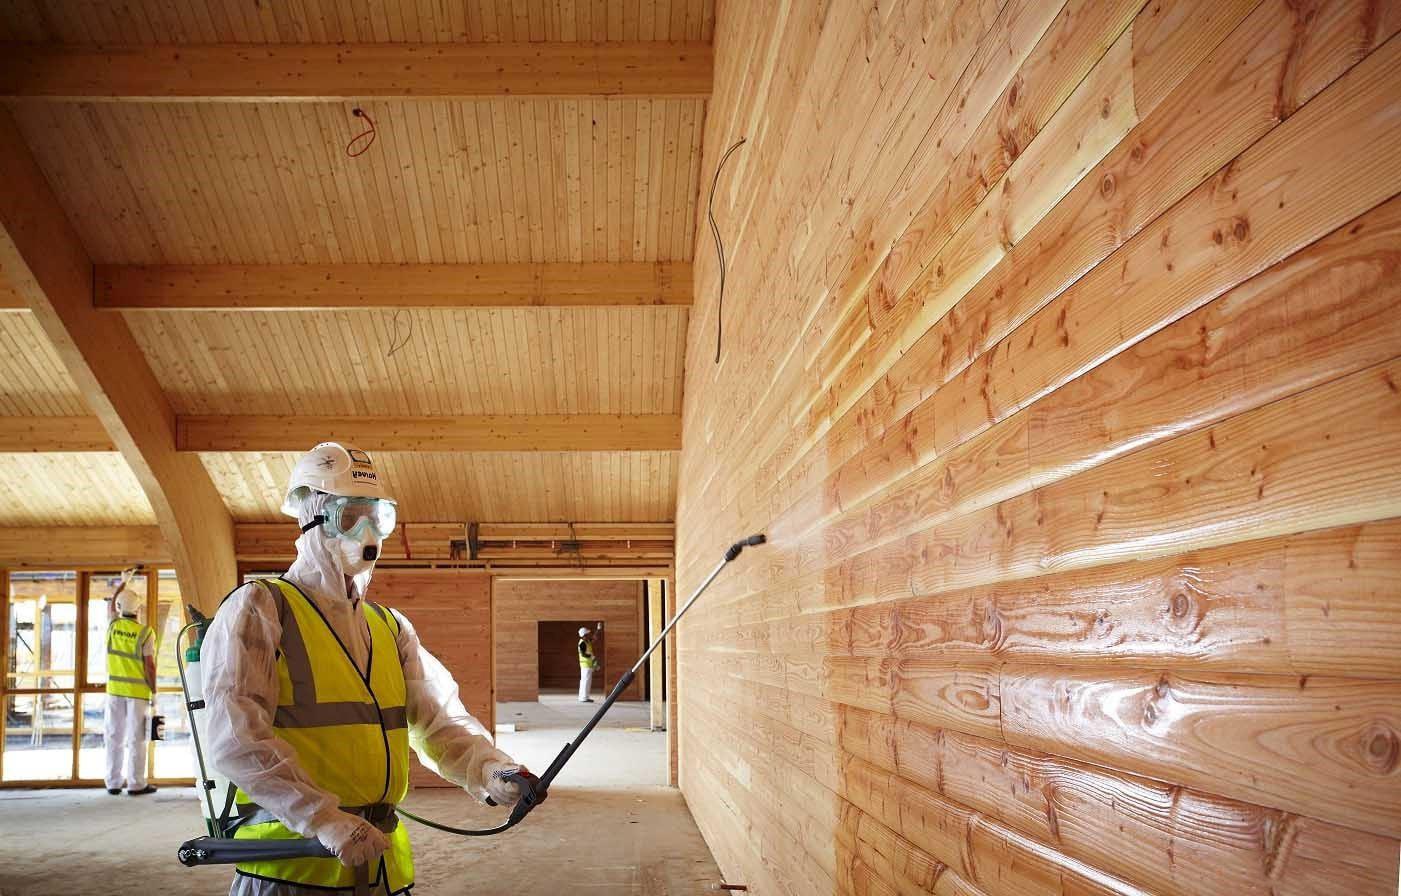 как покрыть лаком деревянную вагонку